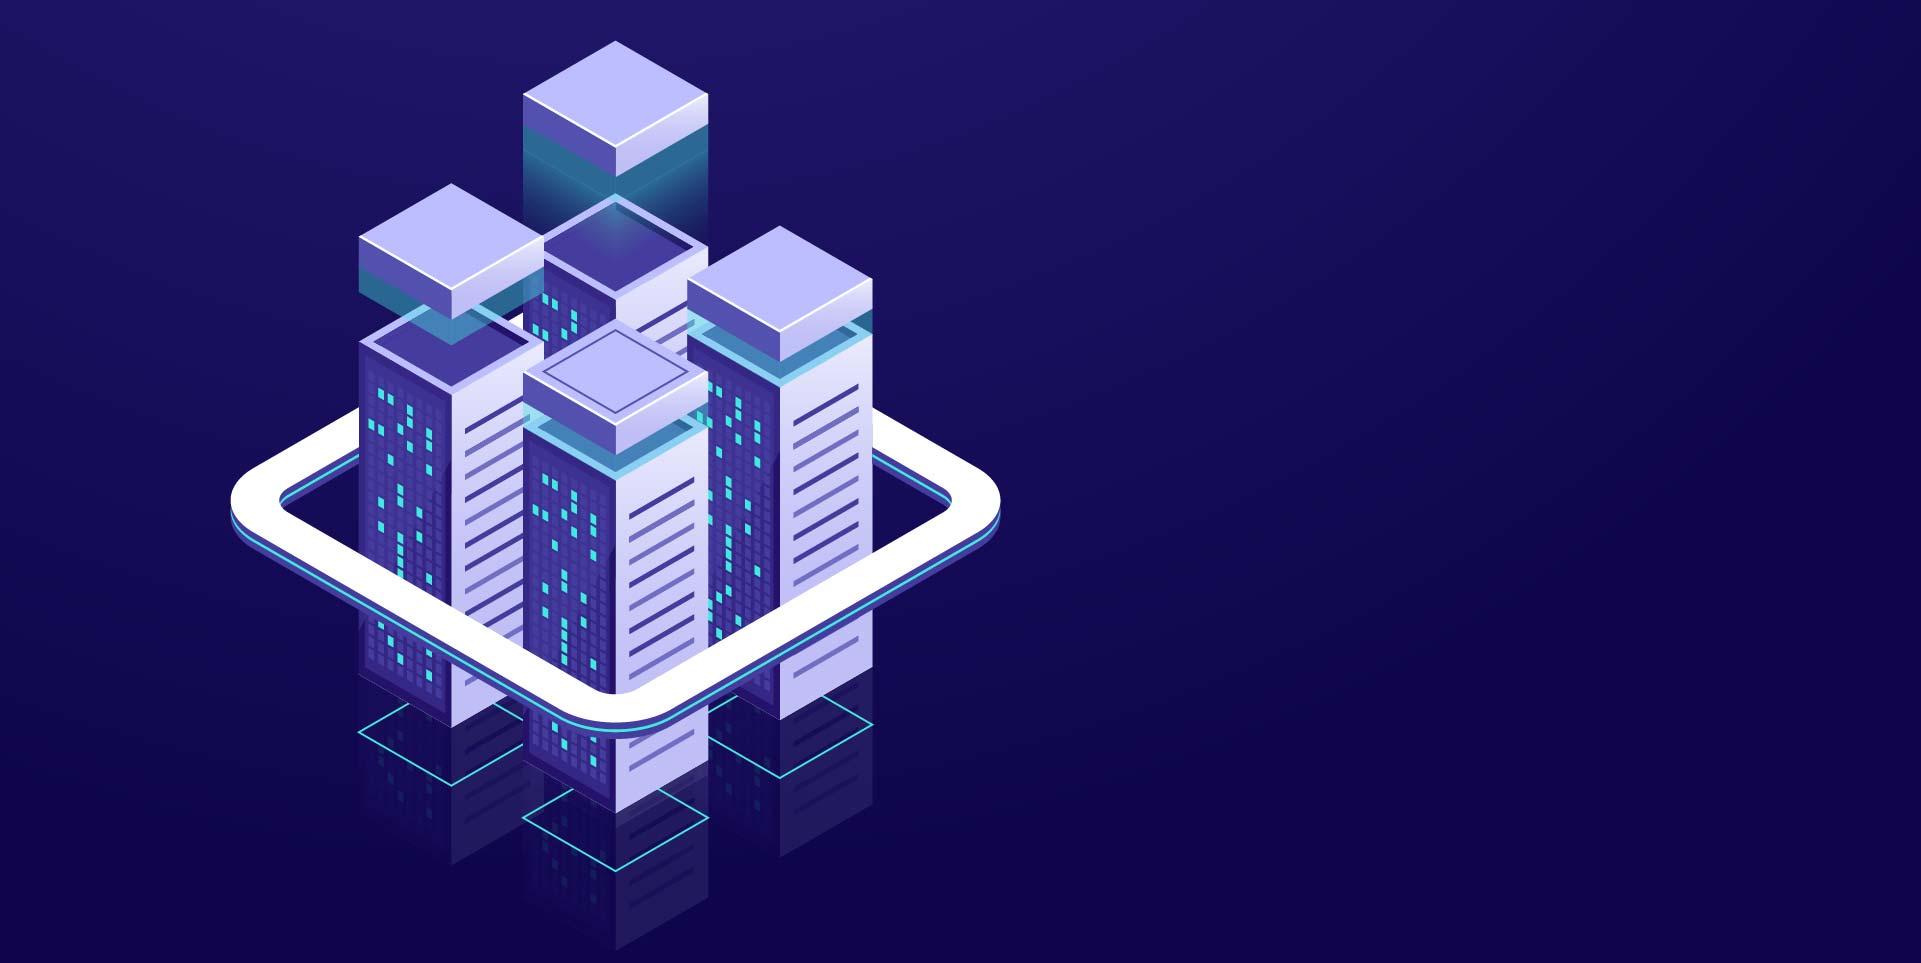 Il backup dei dati è la base della gestione della sicurezza informatica della tua azienda: per questo ti consigliamo di affidarti a un piano completo